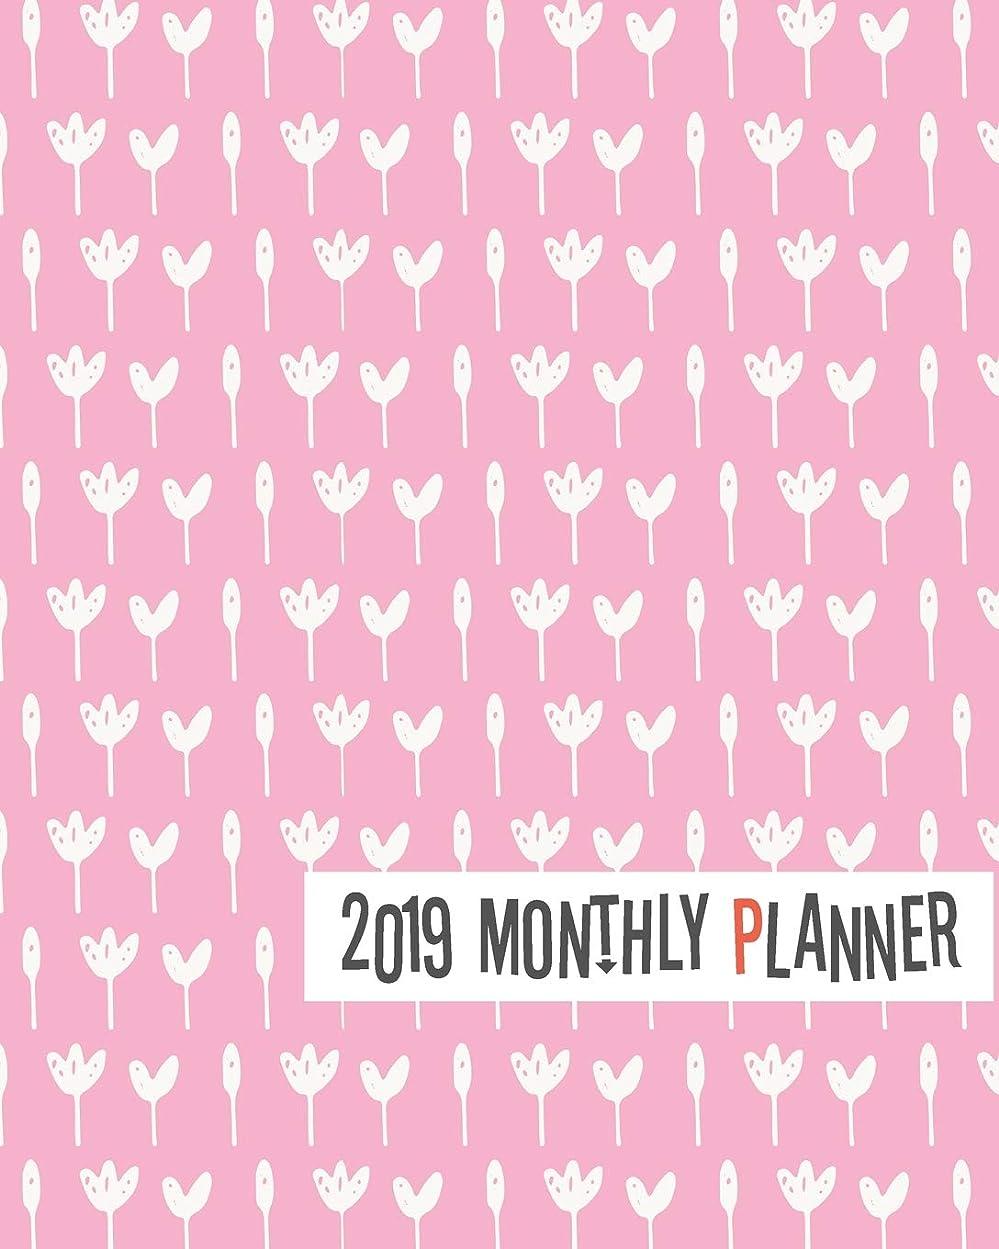 かりてトラック百万2019 Monthly Planner: Yearly Monthly Weekly 12 months 365 days Planner, Calendar Schedule, Appointment, Agenda, Meeting